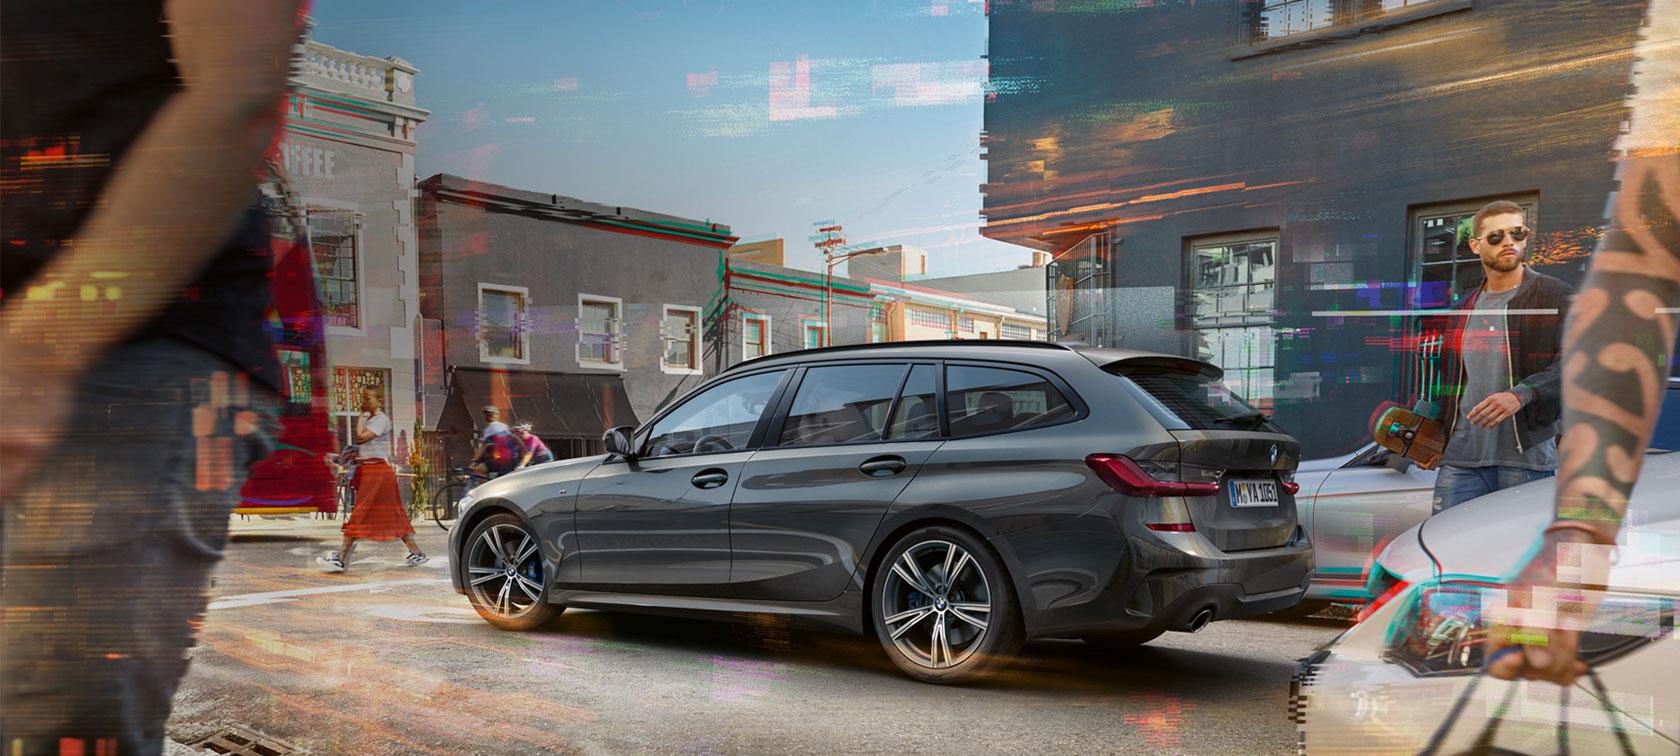 BMW Deutschland on